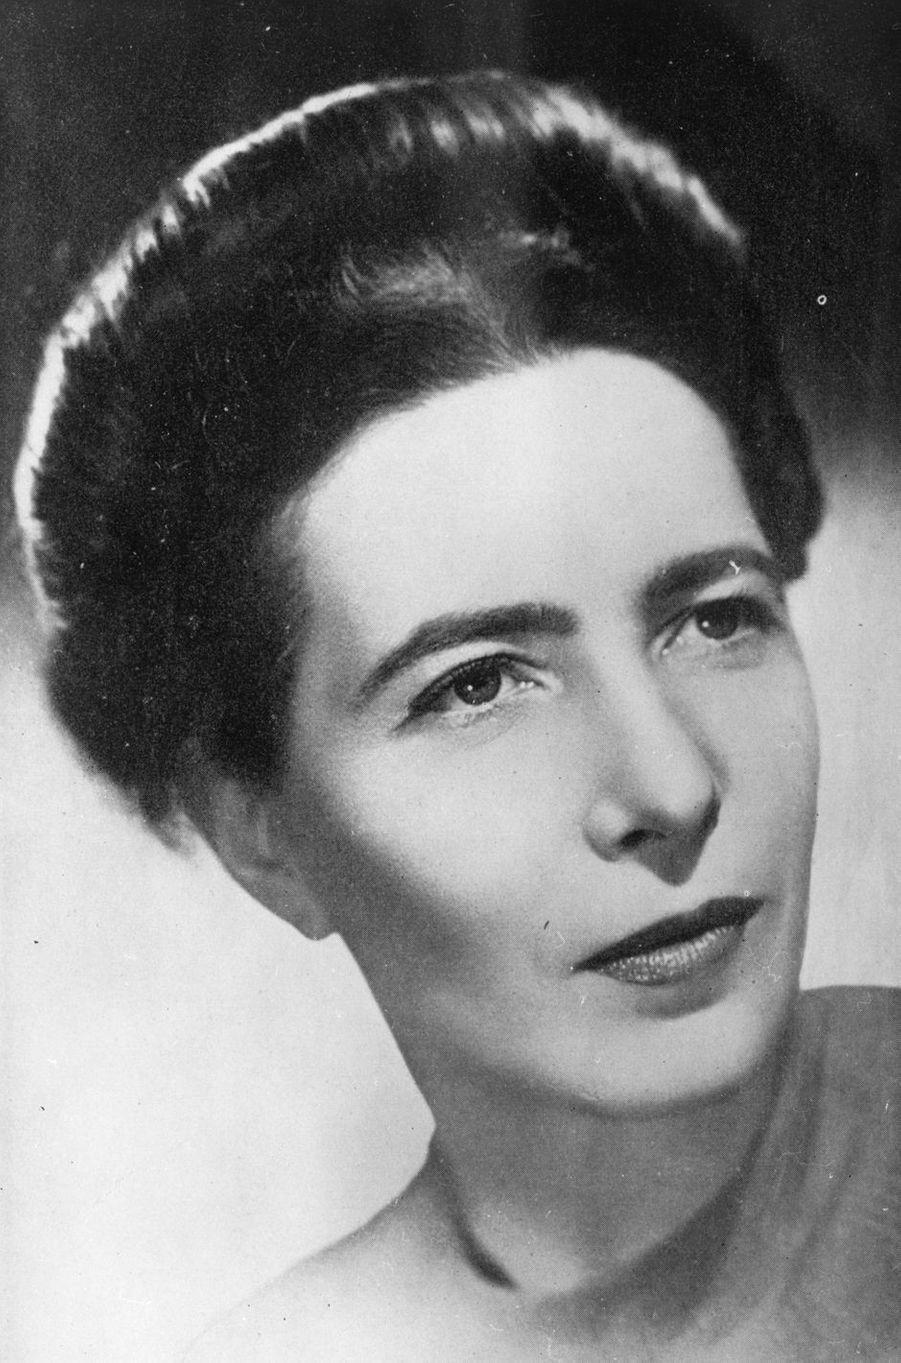 Femme de lettres et intellectuelle française, Simone de Beauvoir (1908-1986) est un symbole dans le combat pour la libération de la femme.